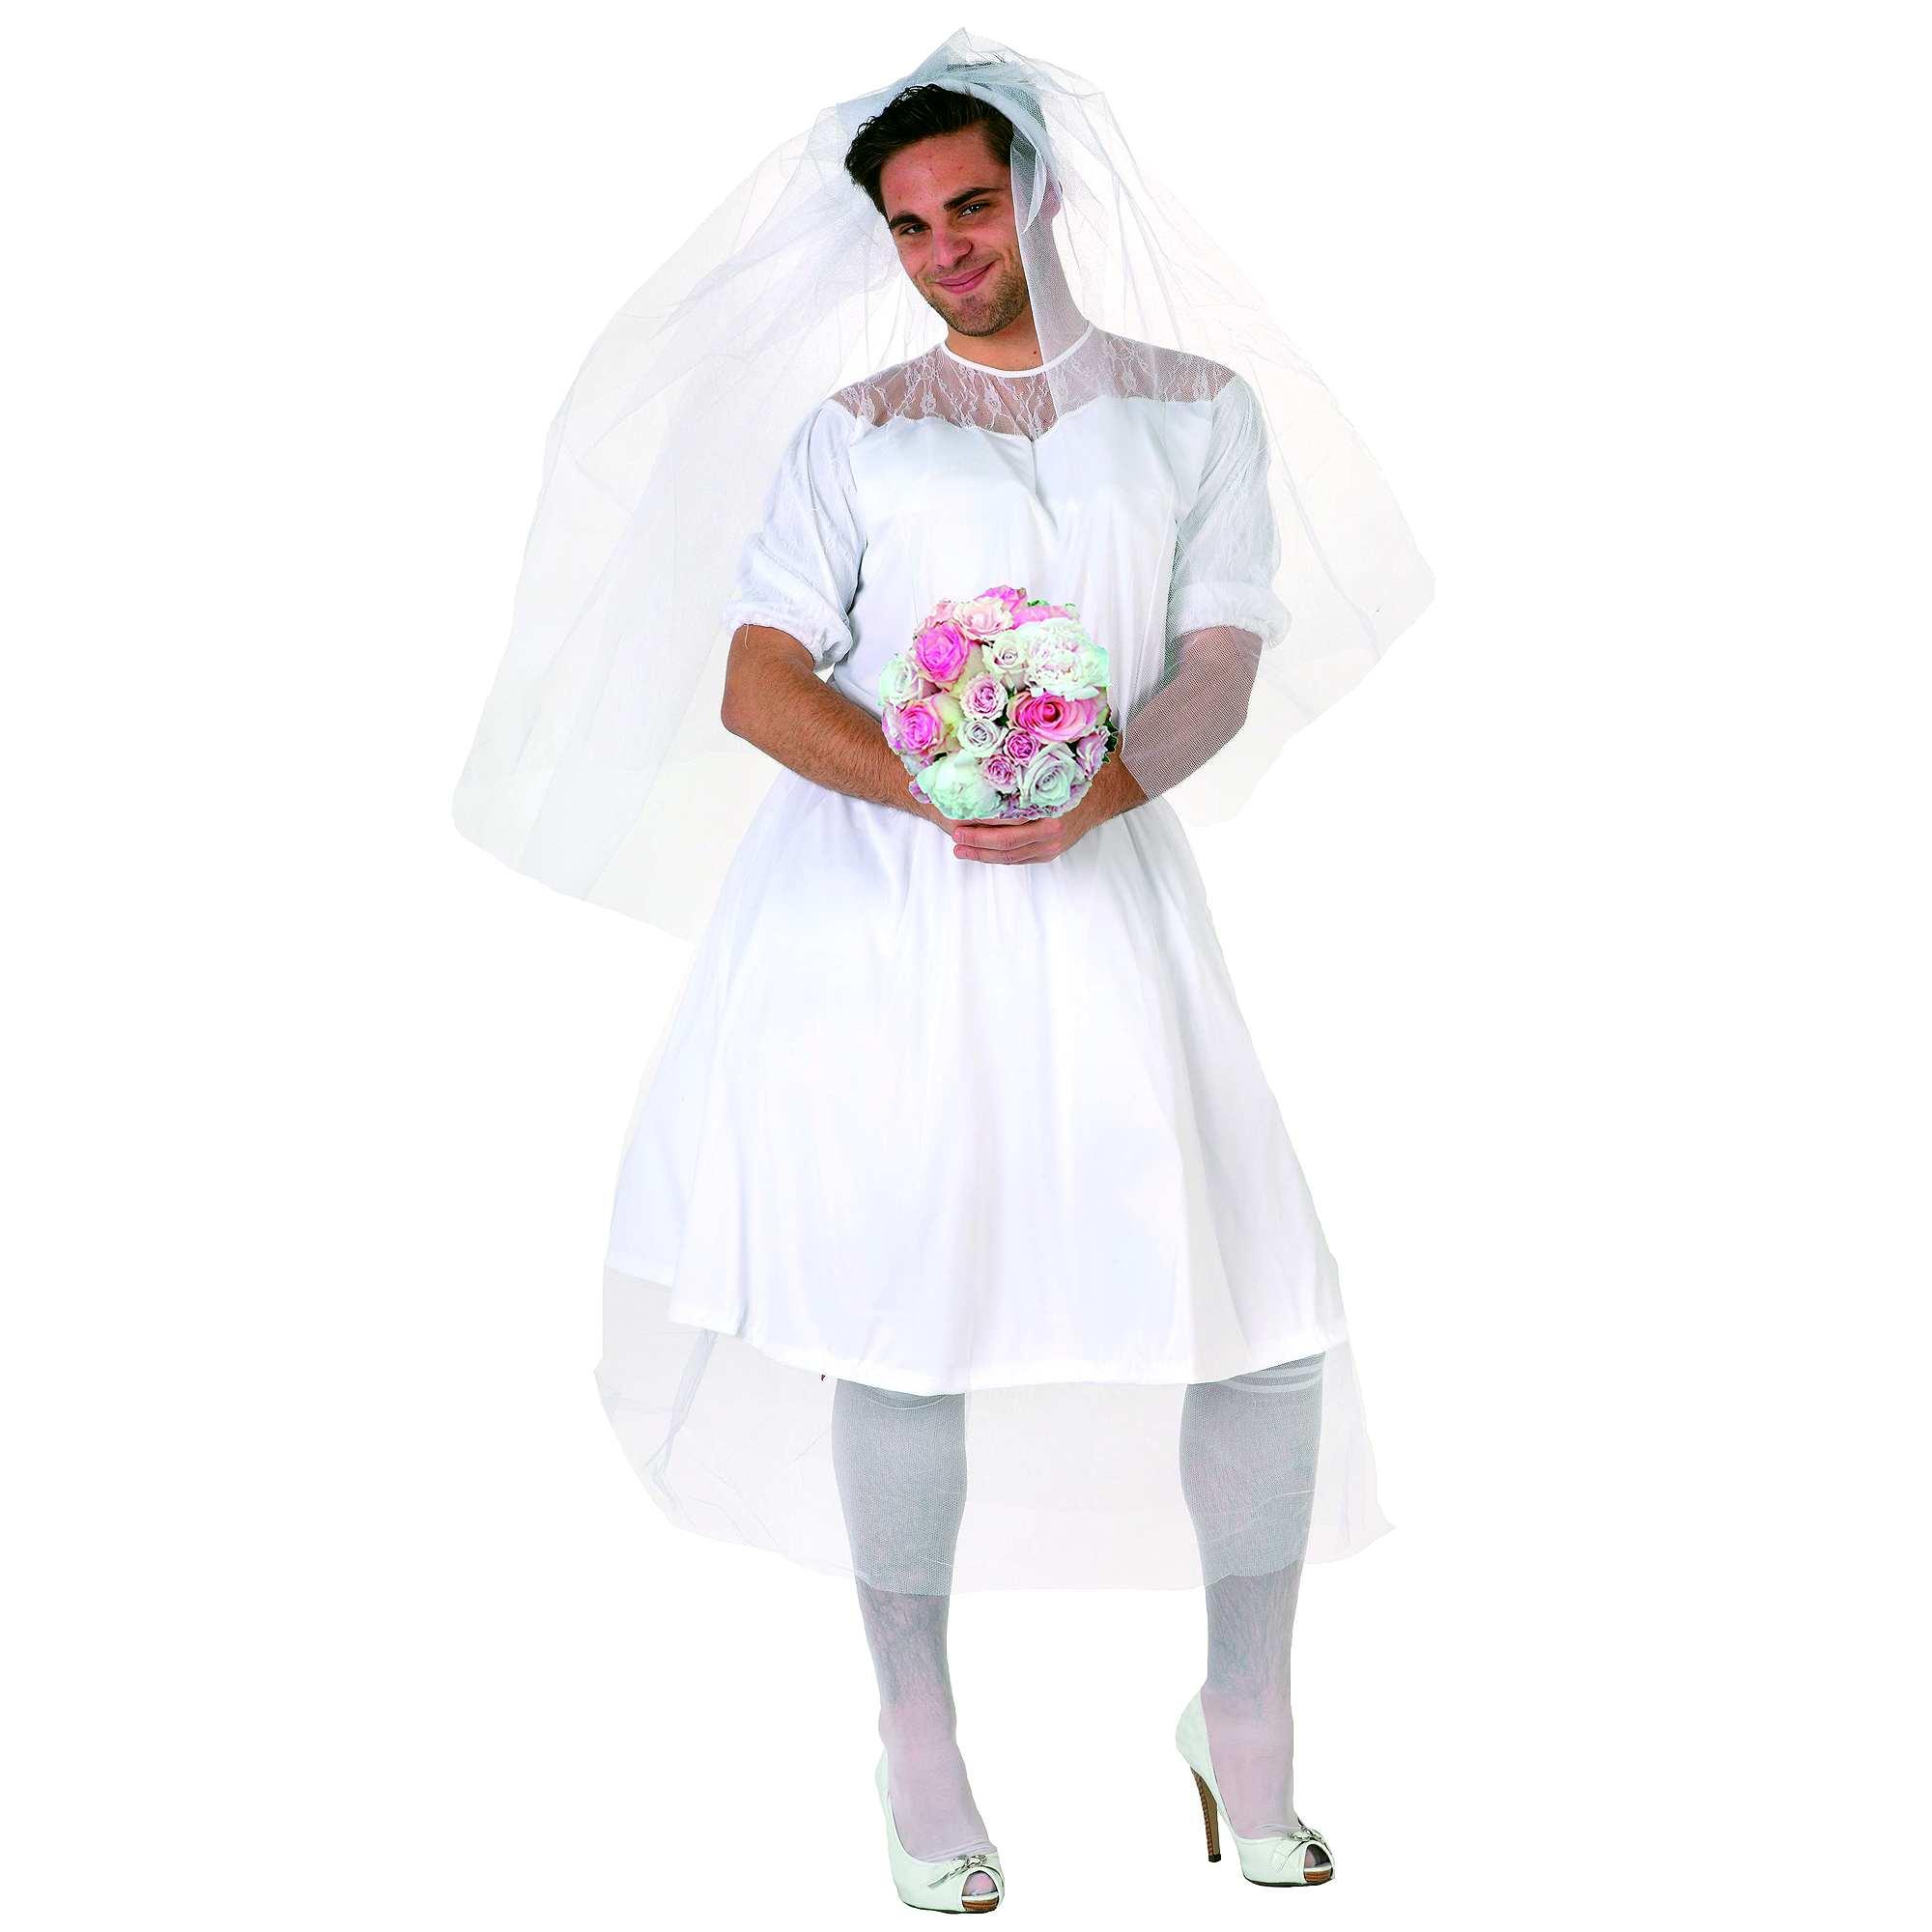 robe pour homme le top tendance de la mode ou une blague